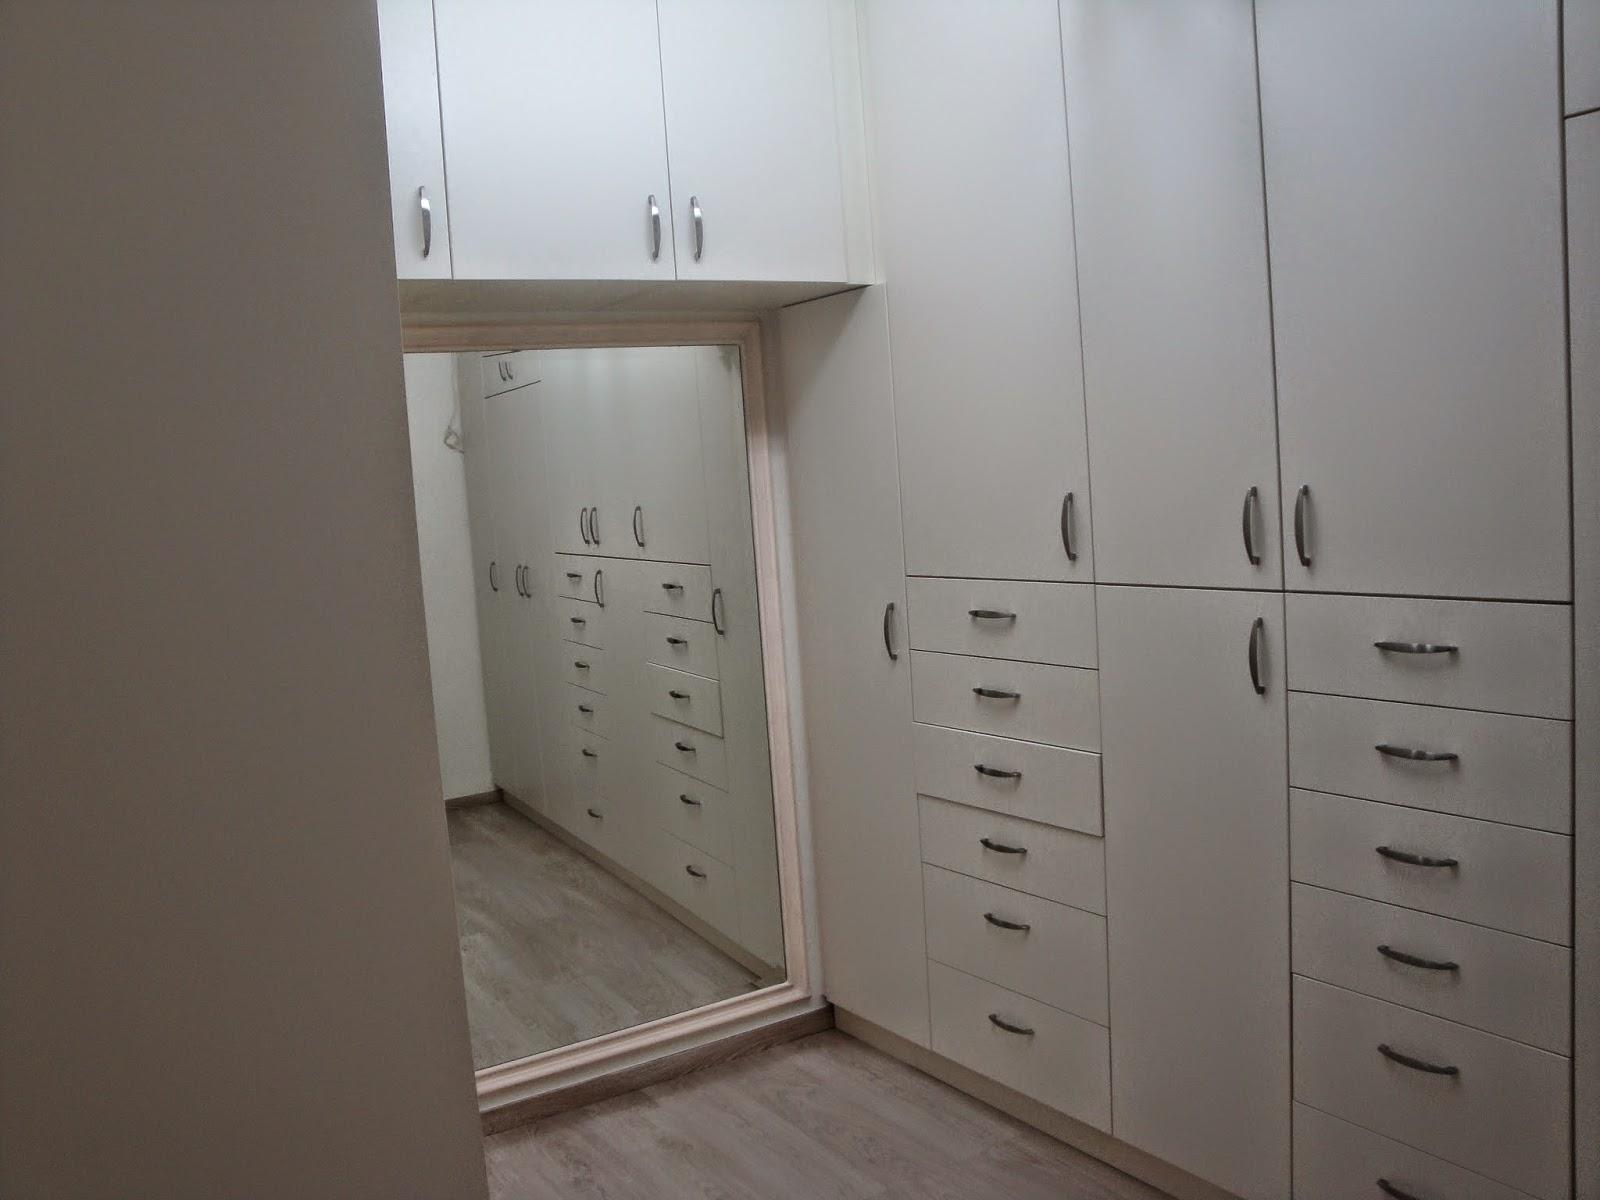 (Κωδ 4015) Δωμάτιο ντουλάπα με καθρέπτη και πόρτες βακελίτη.Πολλά συρτάρια και όλα ΚΛΕΙΣΤΑ .